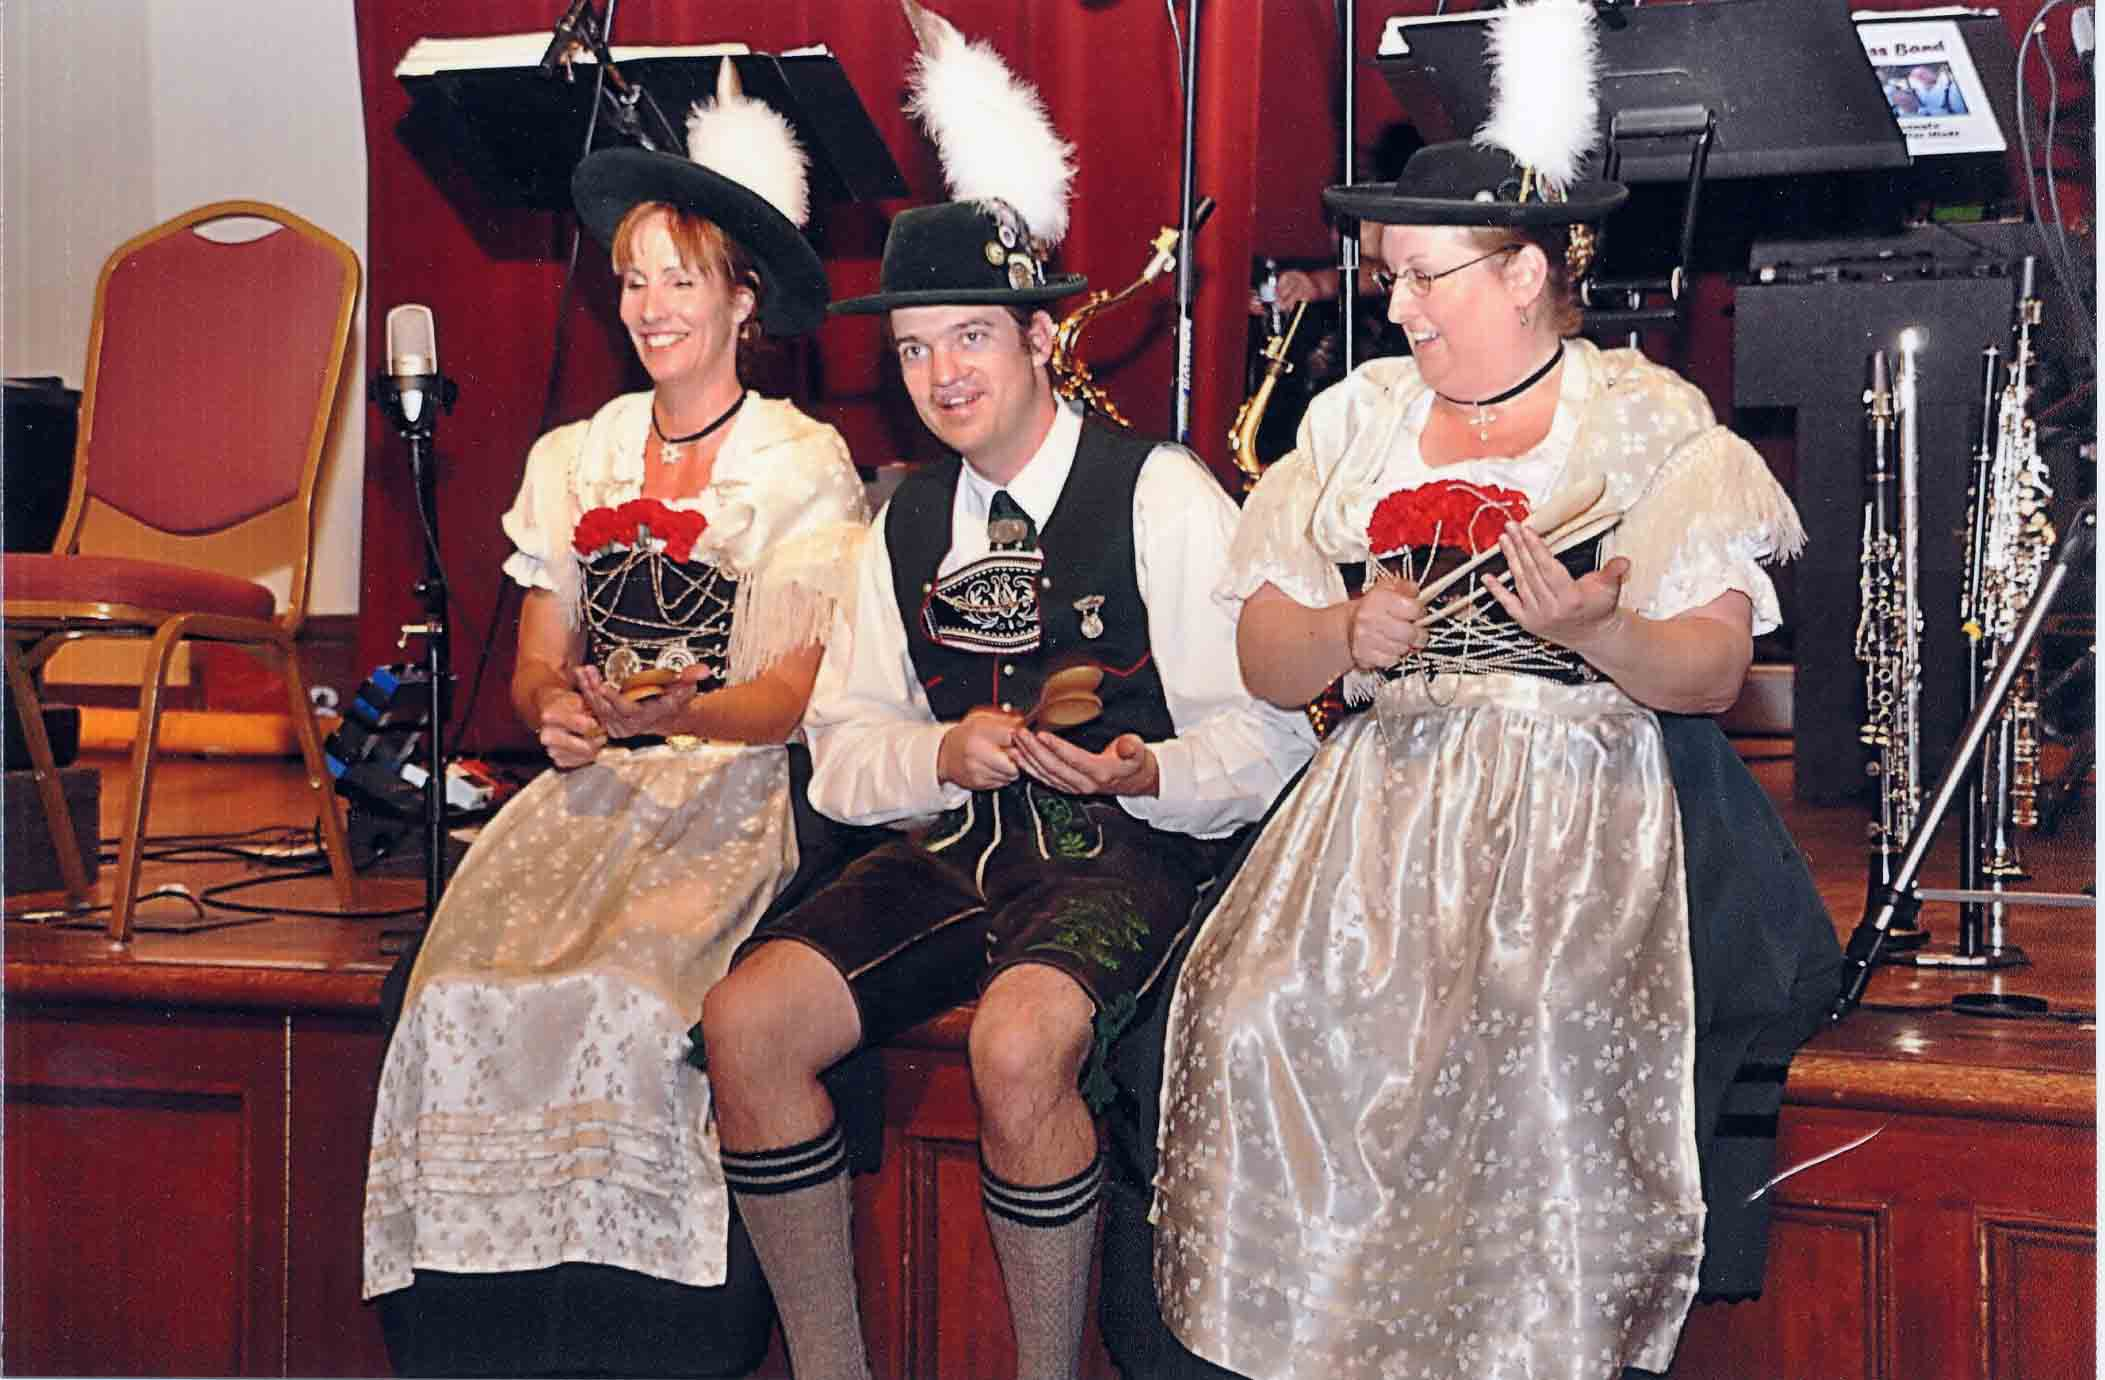 Bavarian customs